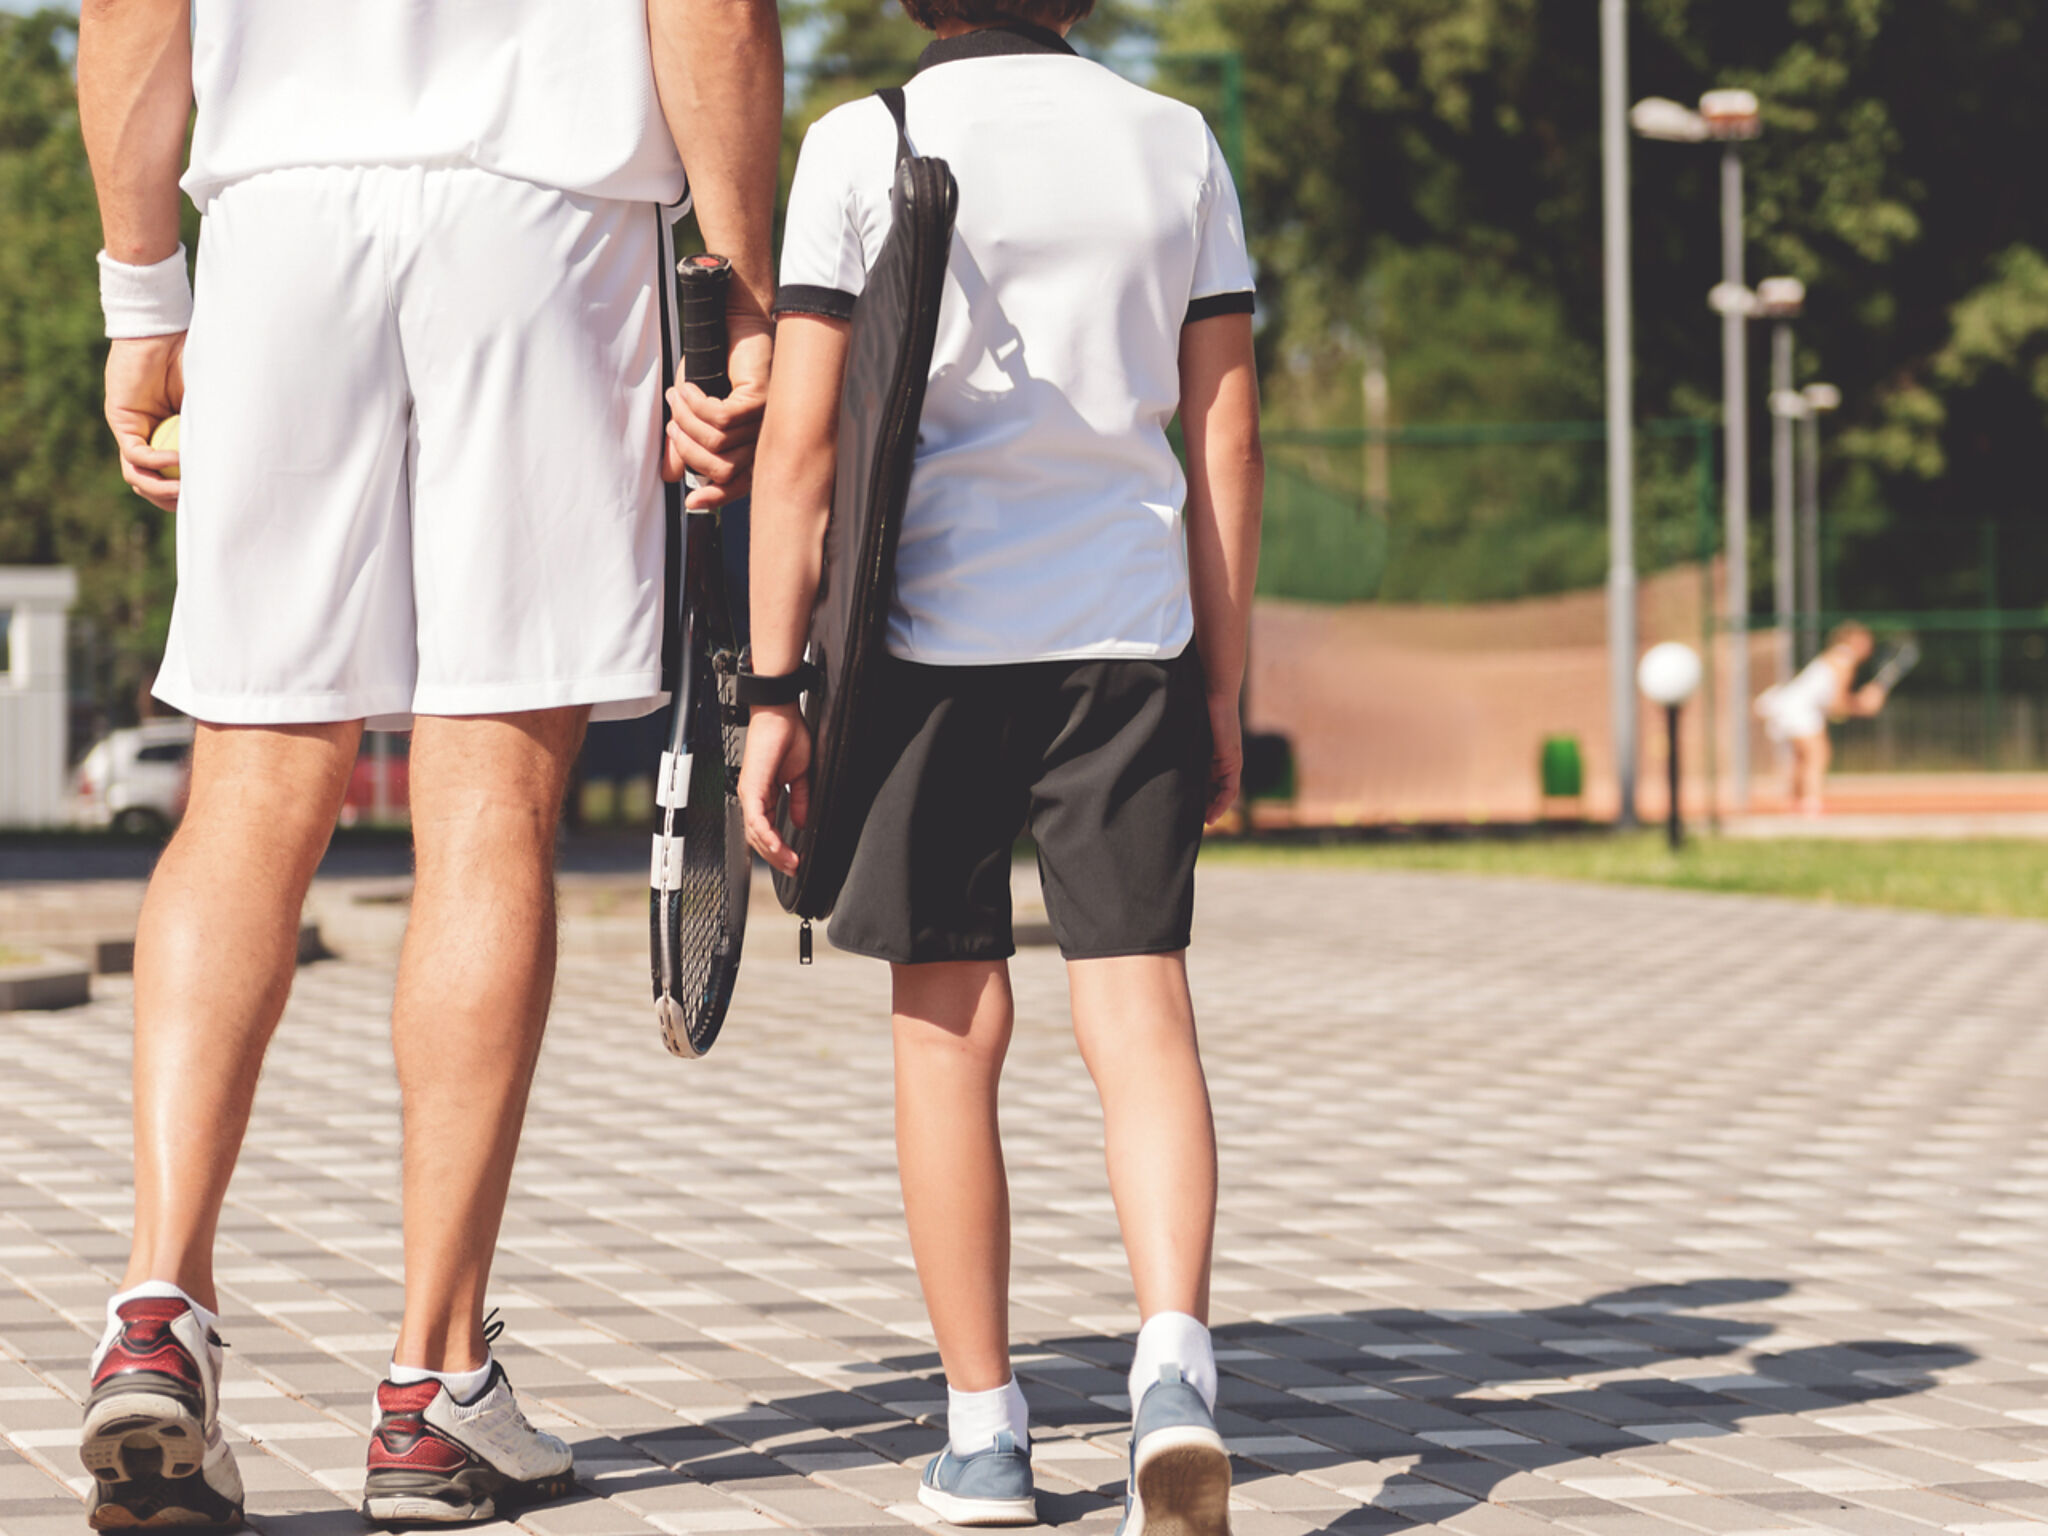 大人と子どもがテニススクールに通っている画像